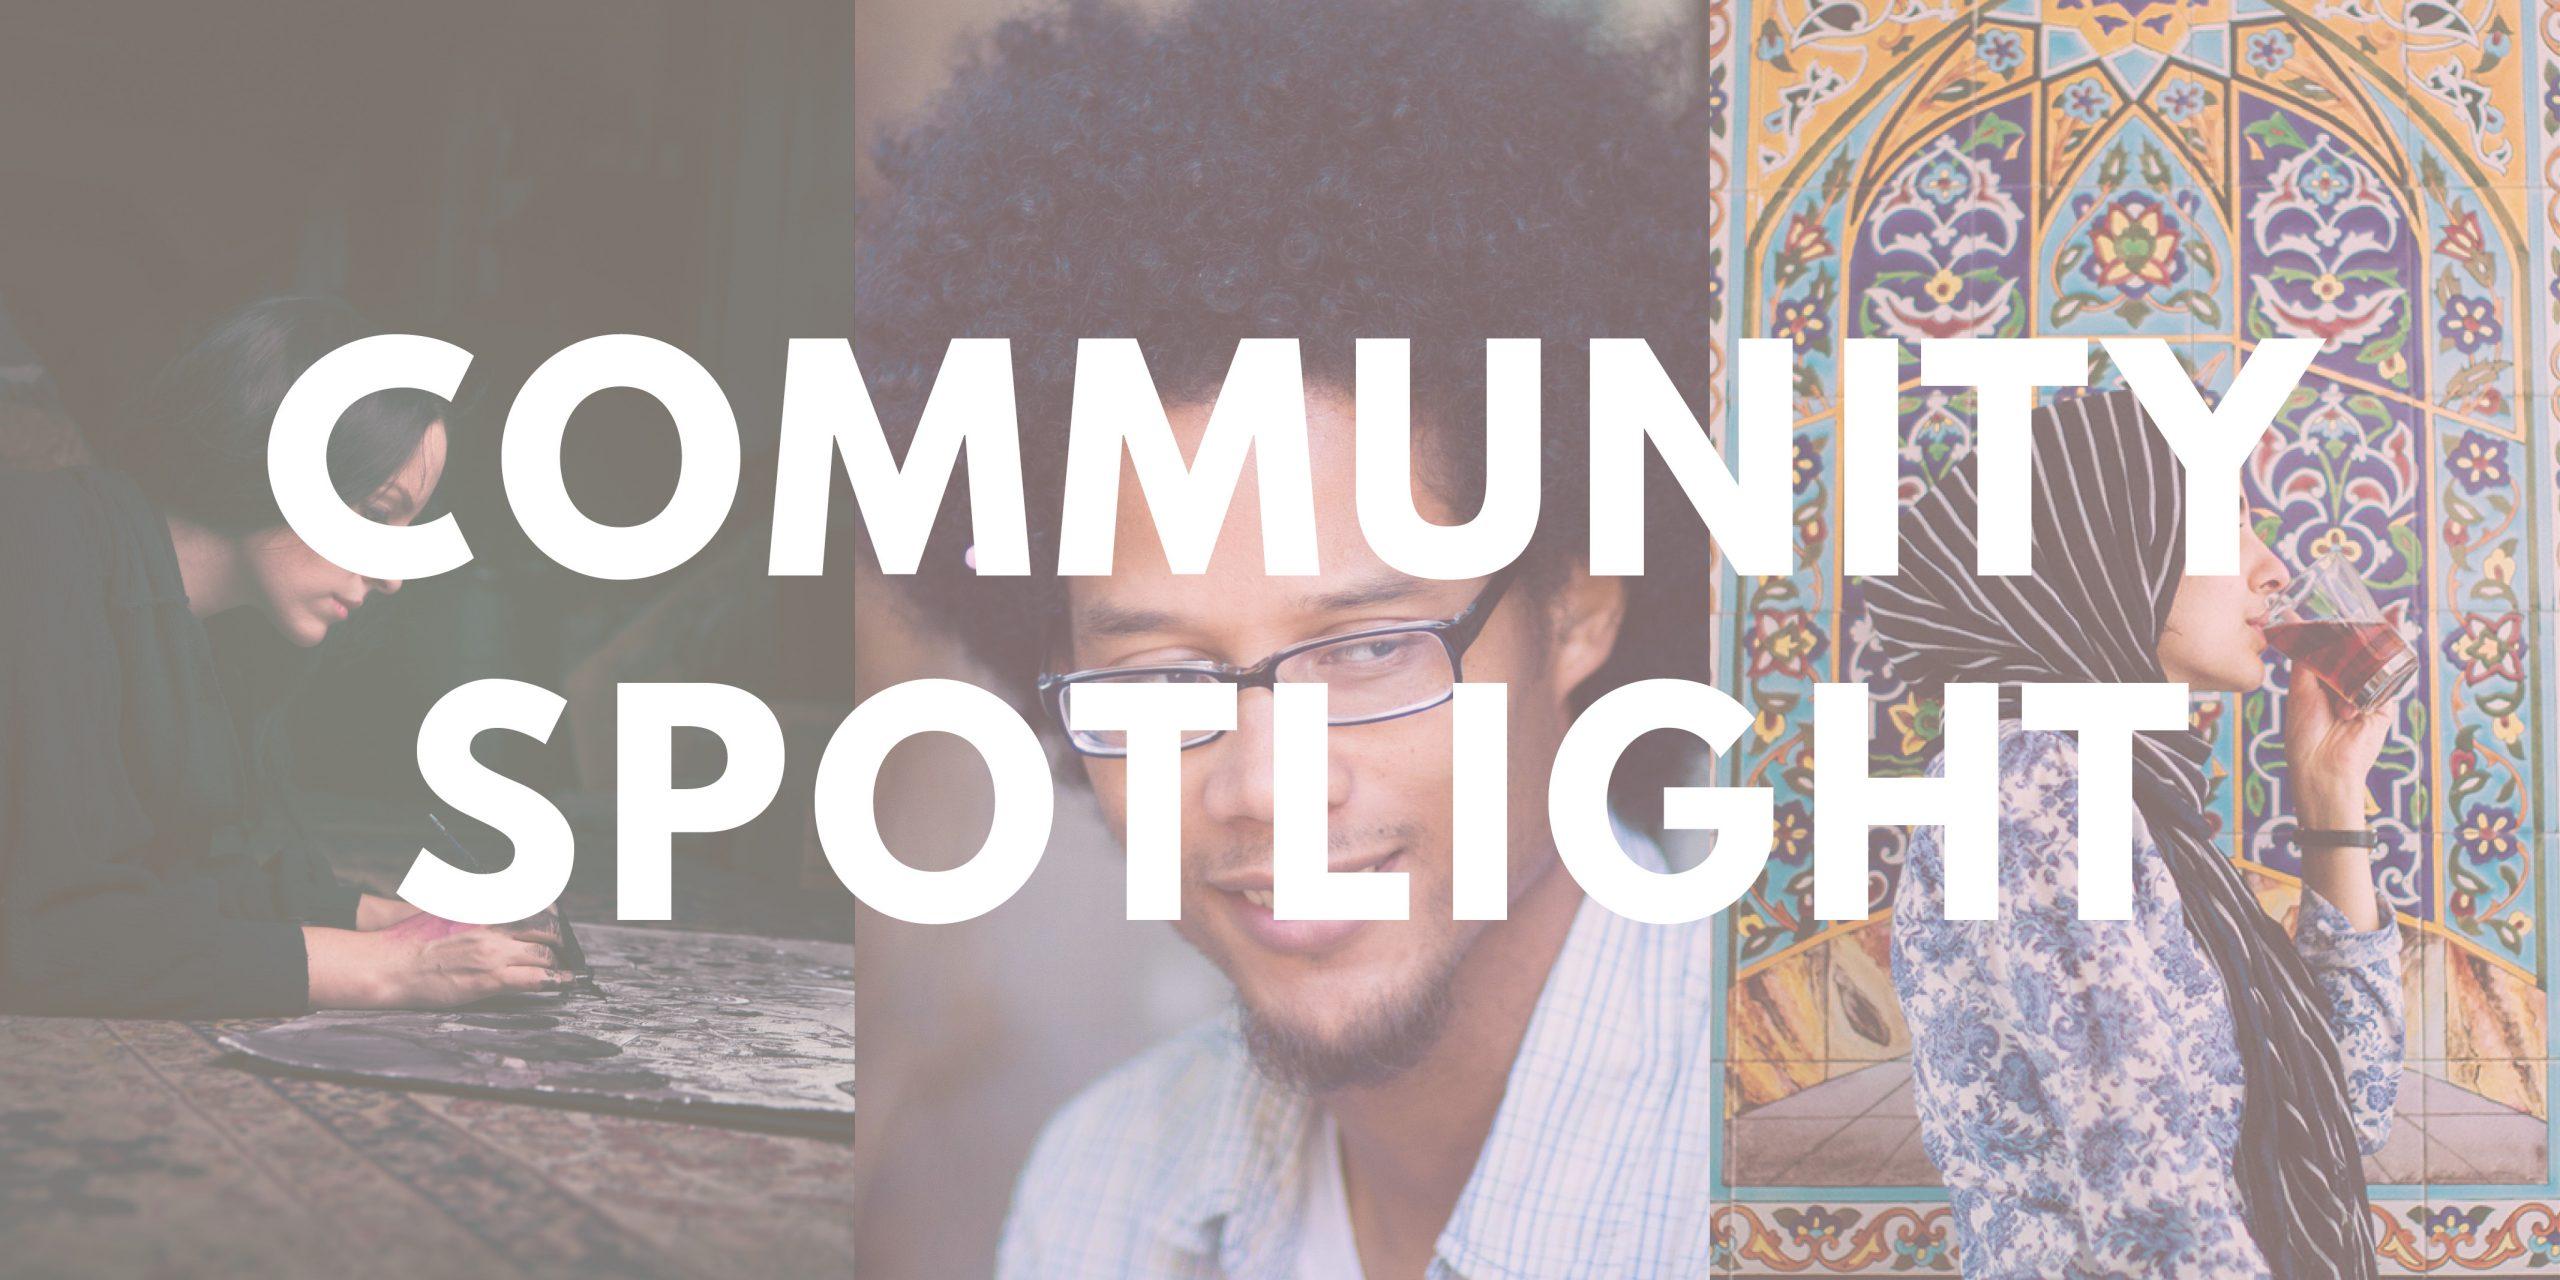 Community Spotlight blog series by Radix Media.